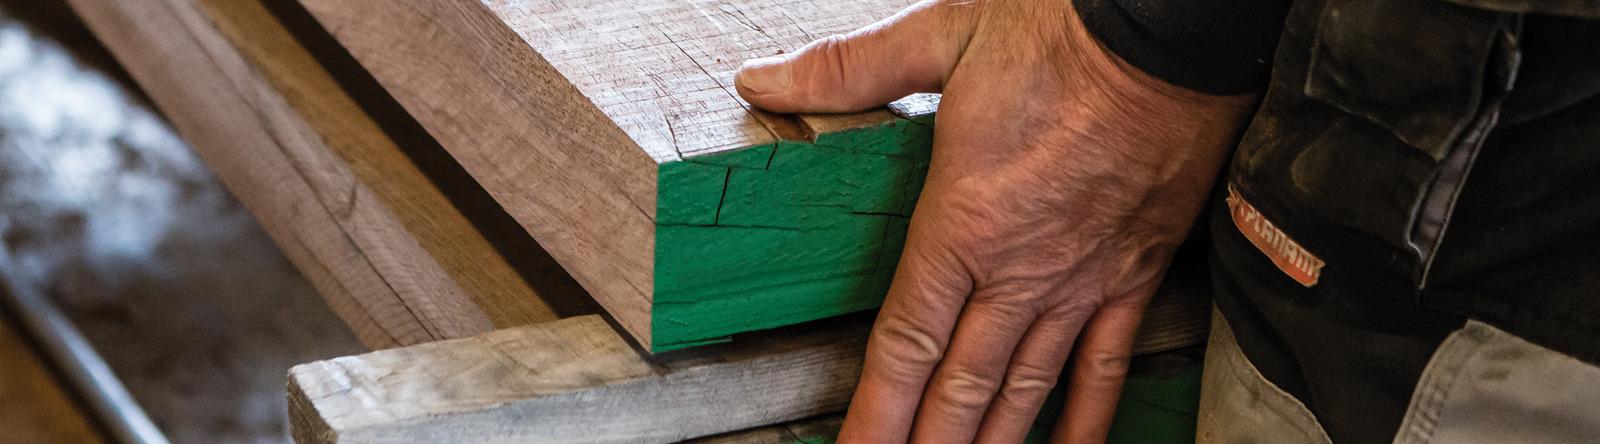 Holzhandel3